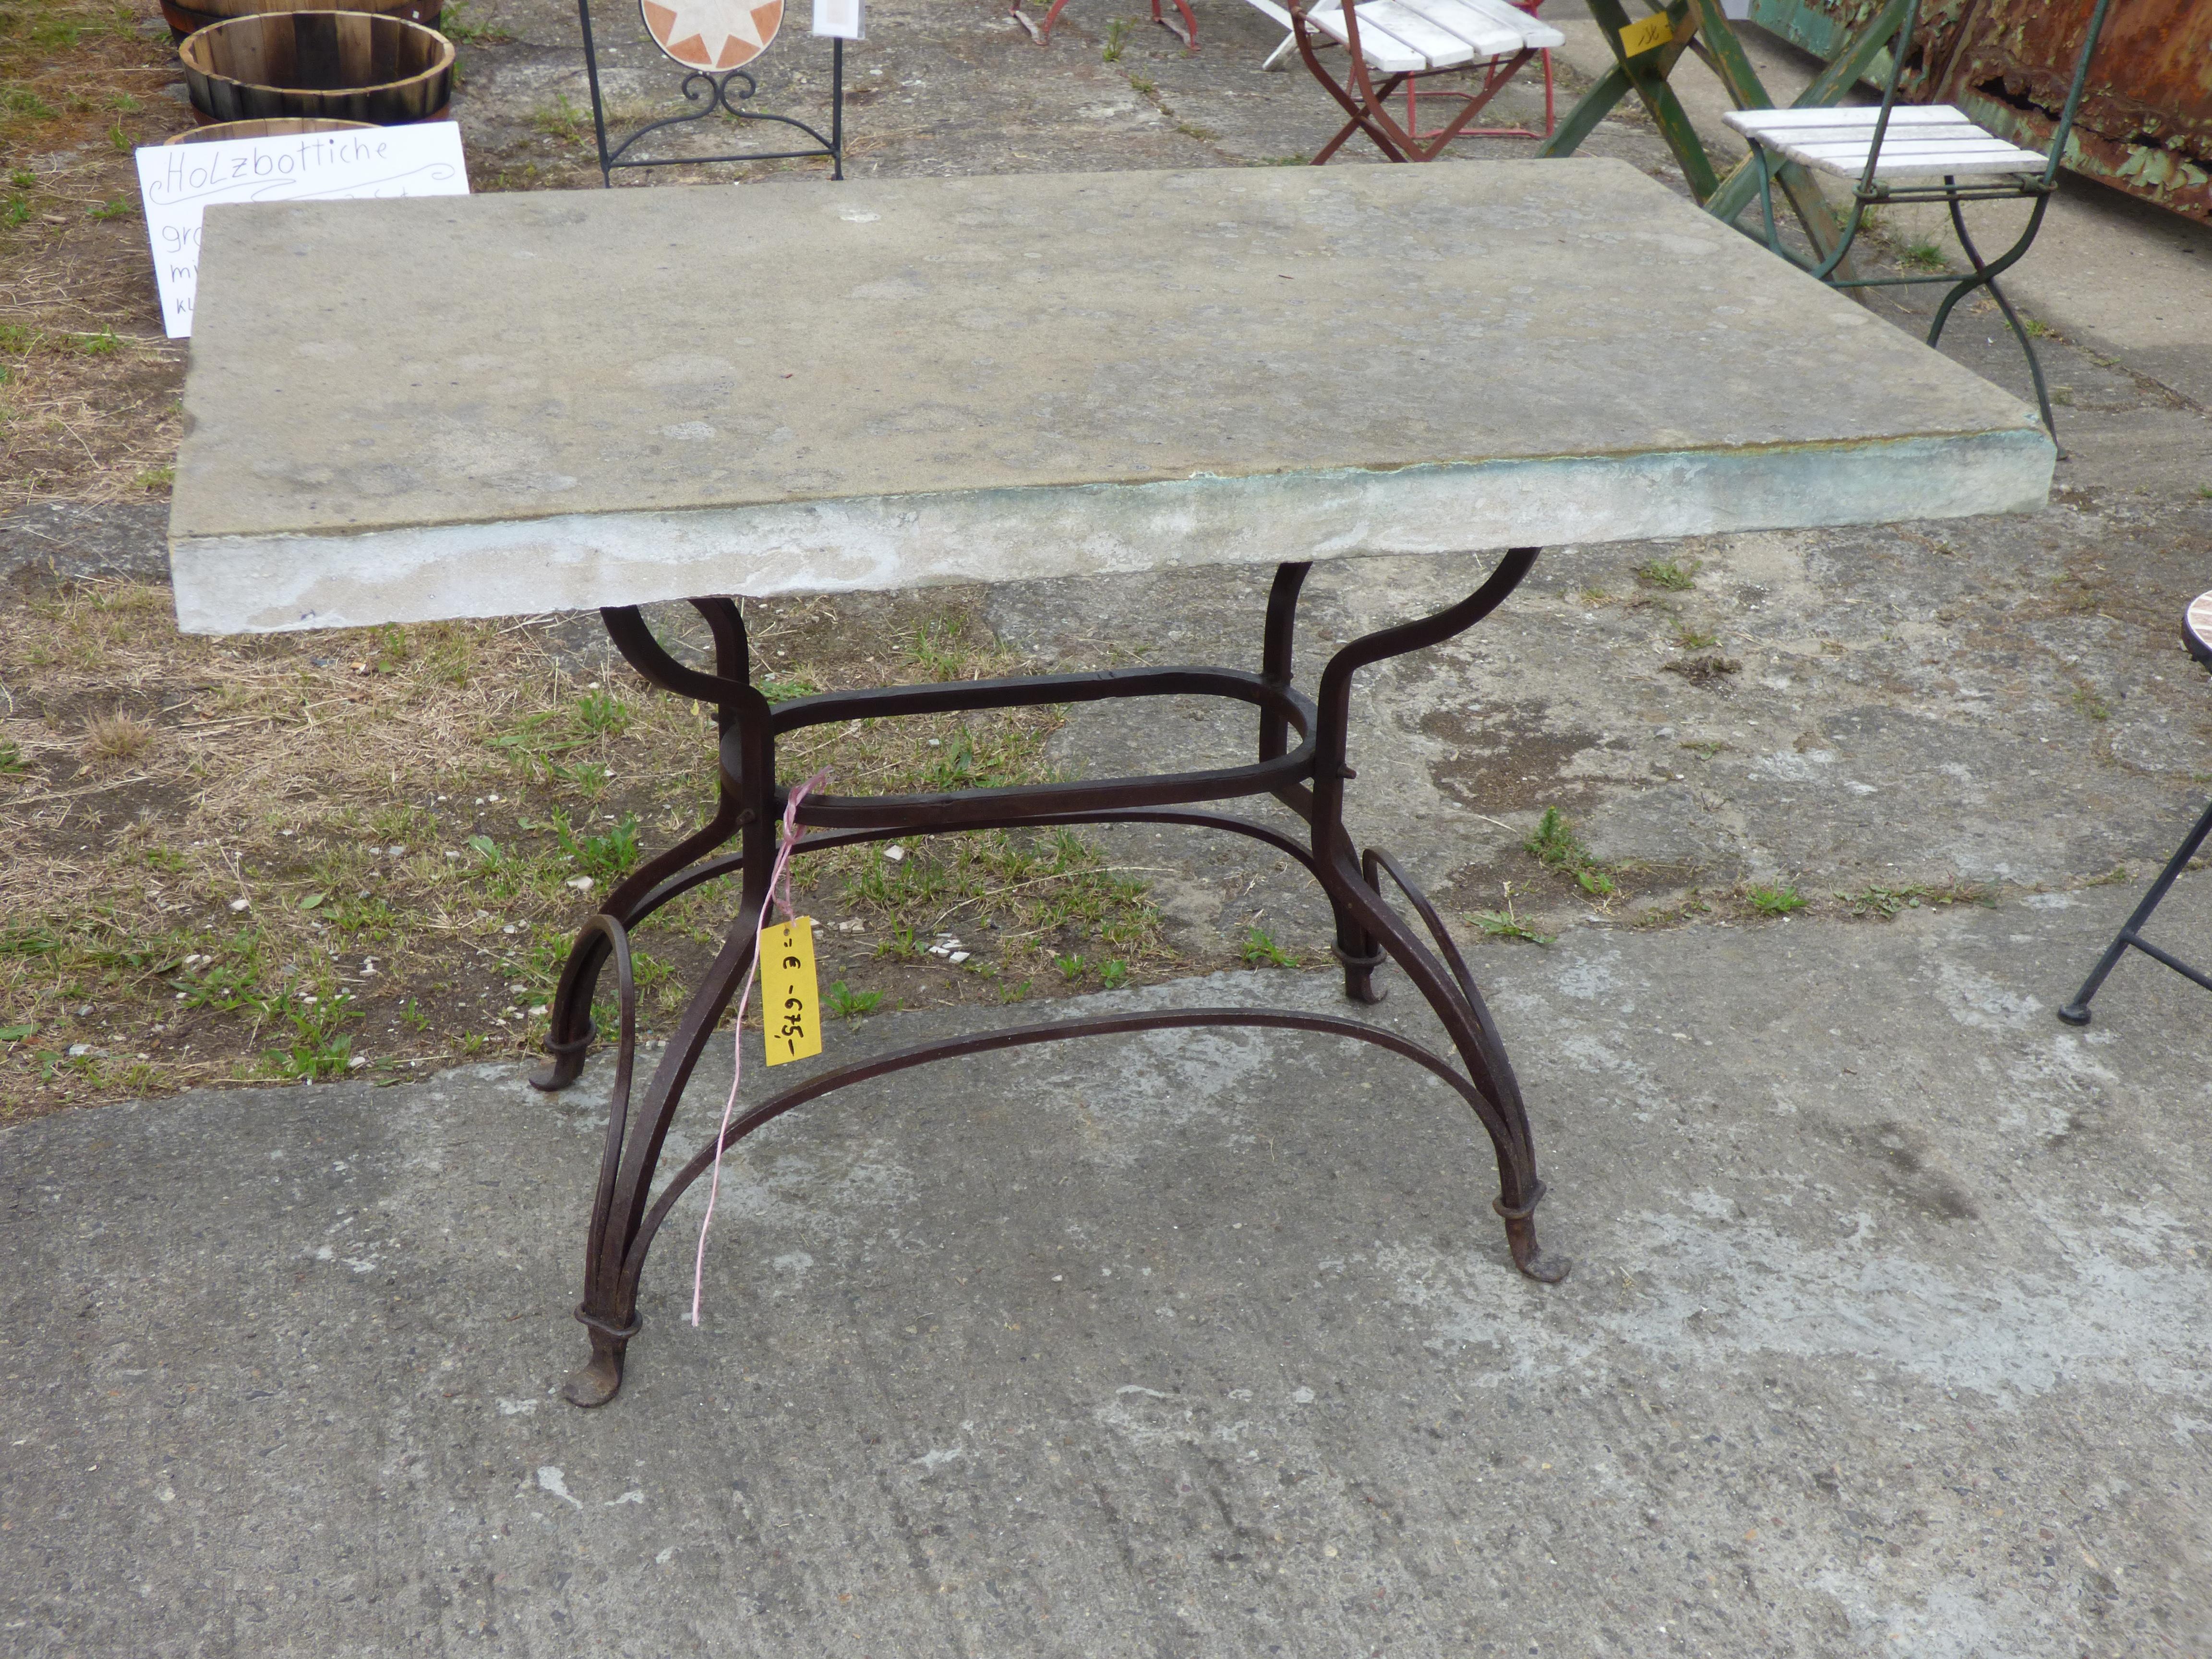 Gusseisen Gartentisch.Gusseisen Gartentisch Mit Sandsteinplatte